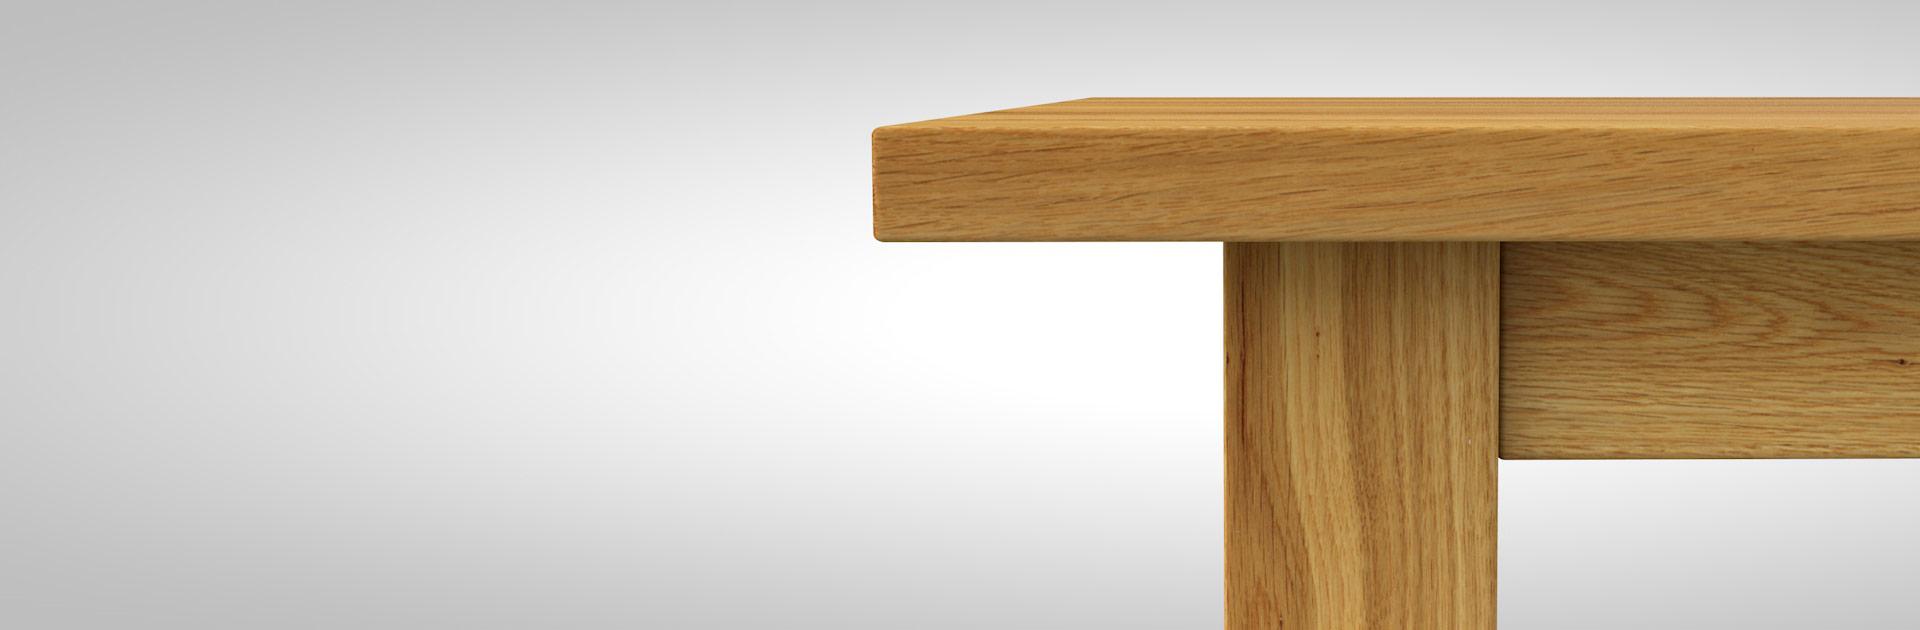 Full Size of Massivholztische Led Beleuchtung Küche Esstisch Holz Selbst Zusammenstellen Günstig Kaufen Arbeitstisch Bauen Wasserhahn Obi Einbauküche Wandregal Wohnzimmer Arbeitstisch Küche Holz